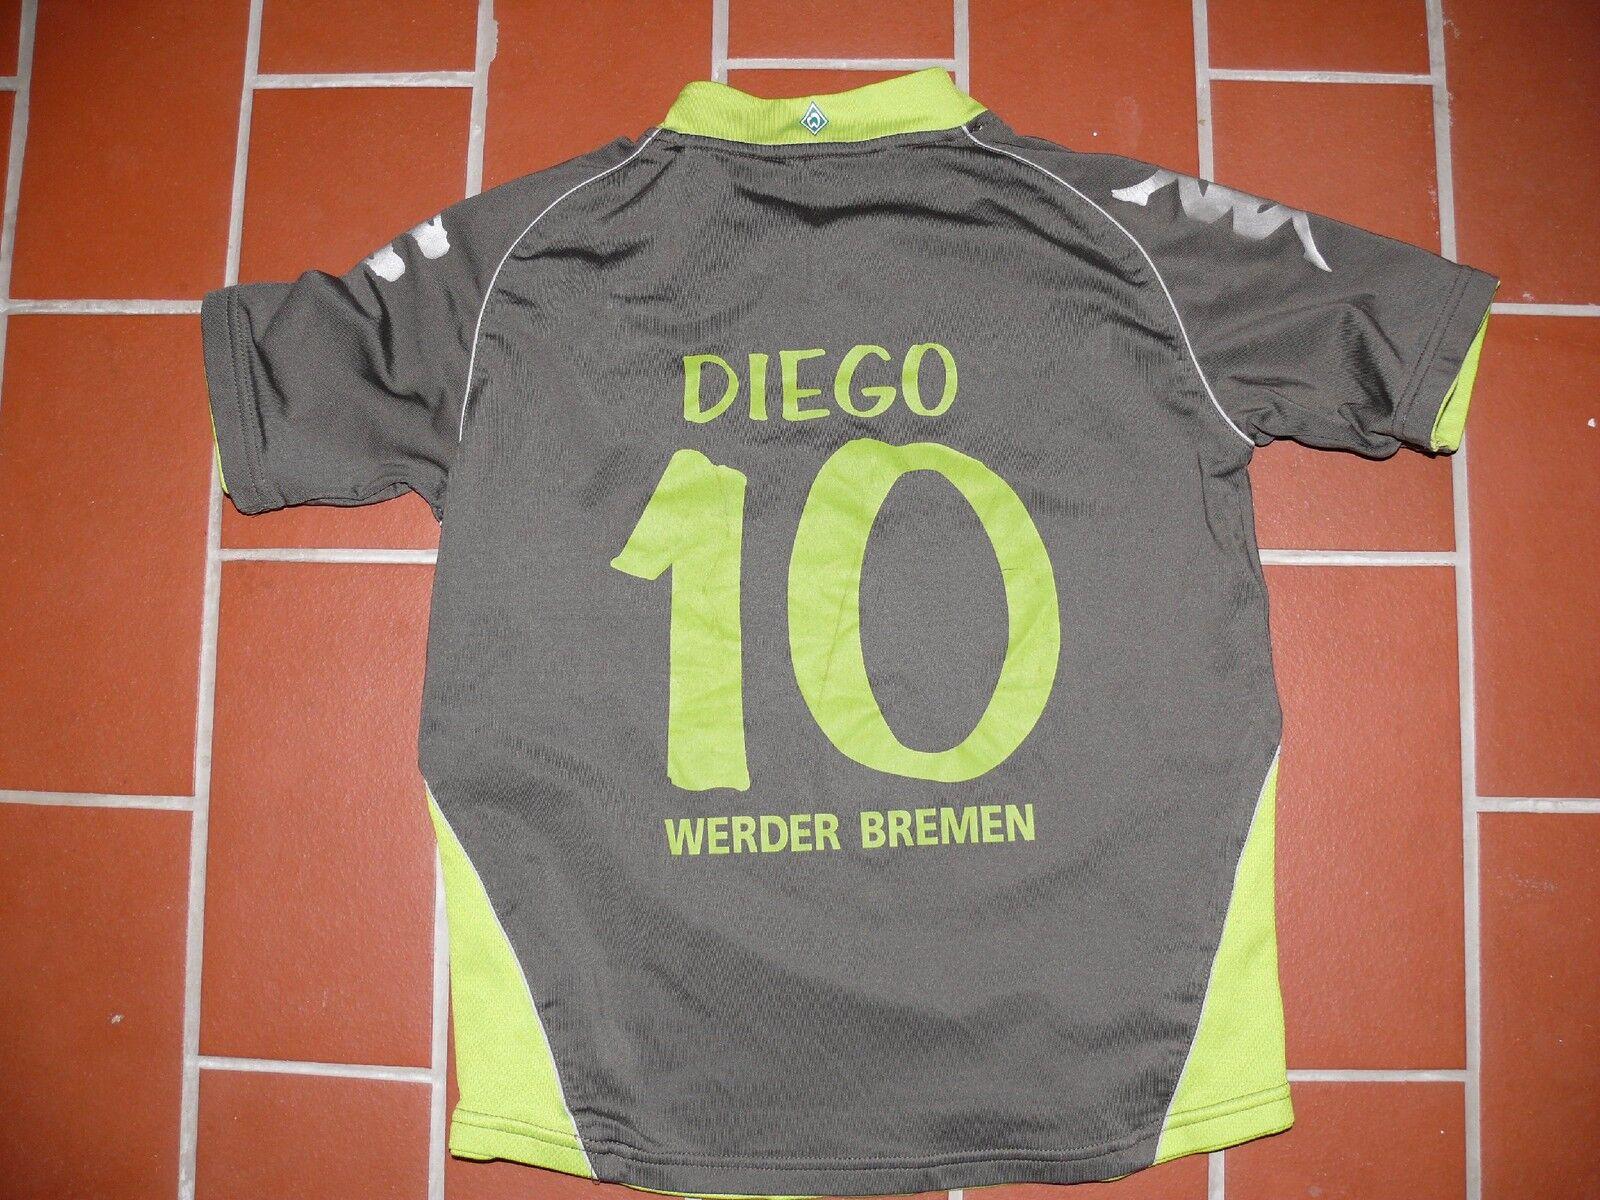 Sv Werder Bremen Evento Maglia Saison 20072008 10 Diego Manica Corta Yl 140